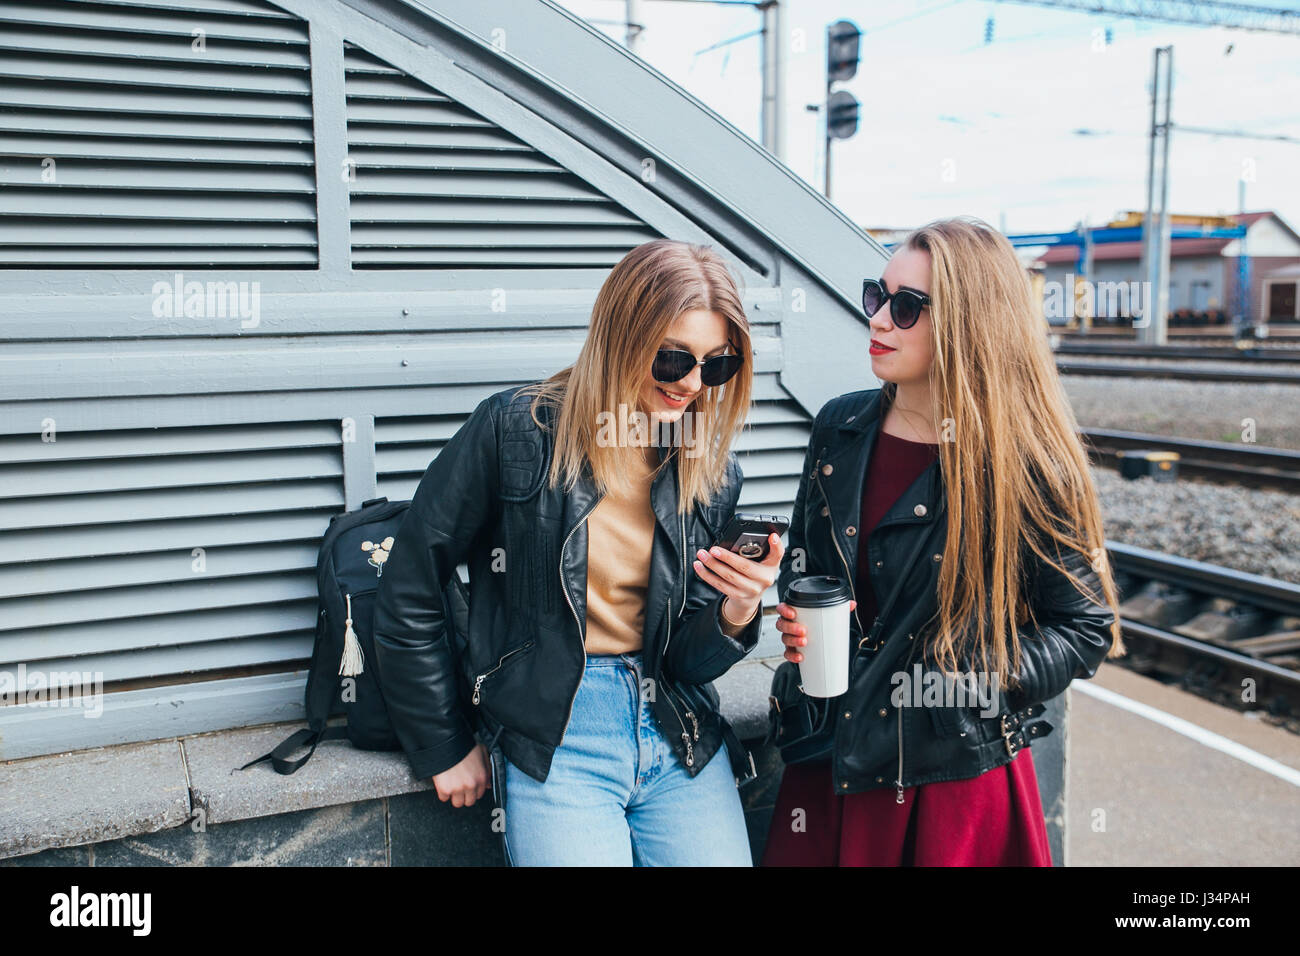 Zwei Frauen sprechen im City.Outdoor Lifestyle Portrait der beiden besten Freunde Hipster-Mädchen tragen stilvolle Stockbild